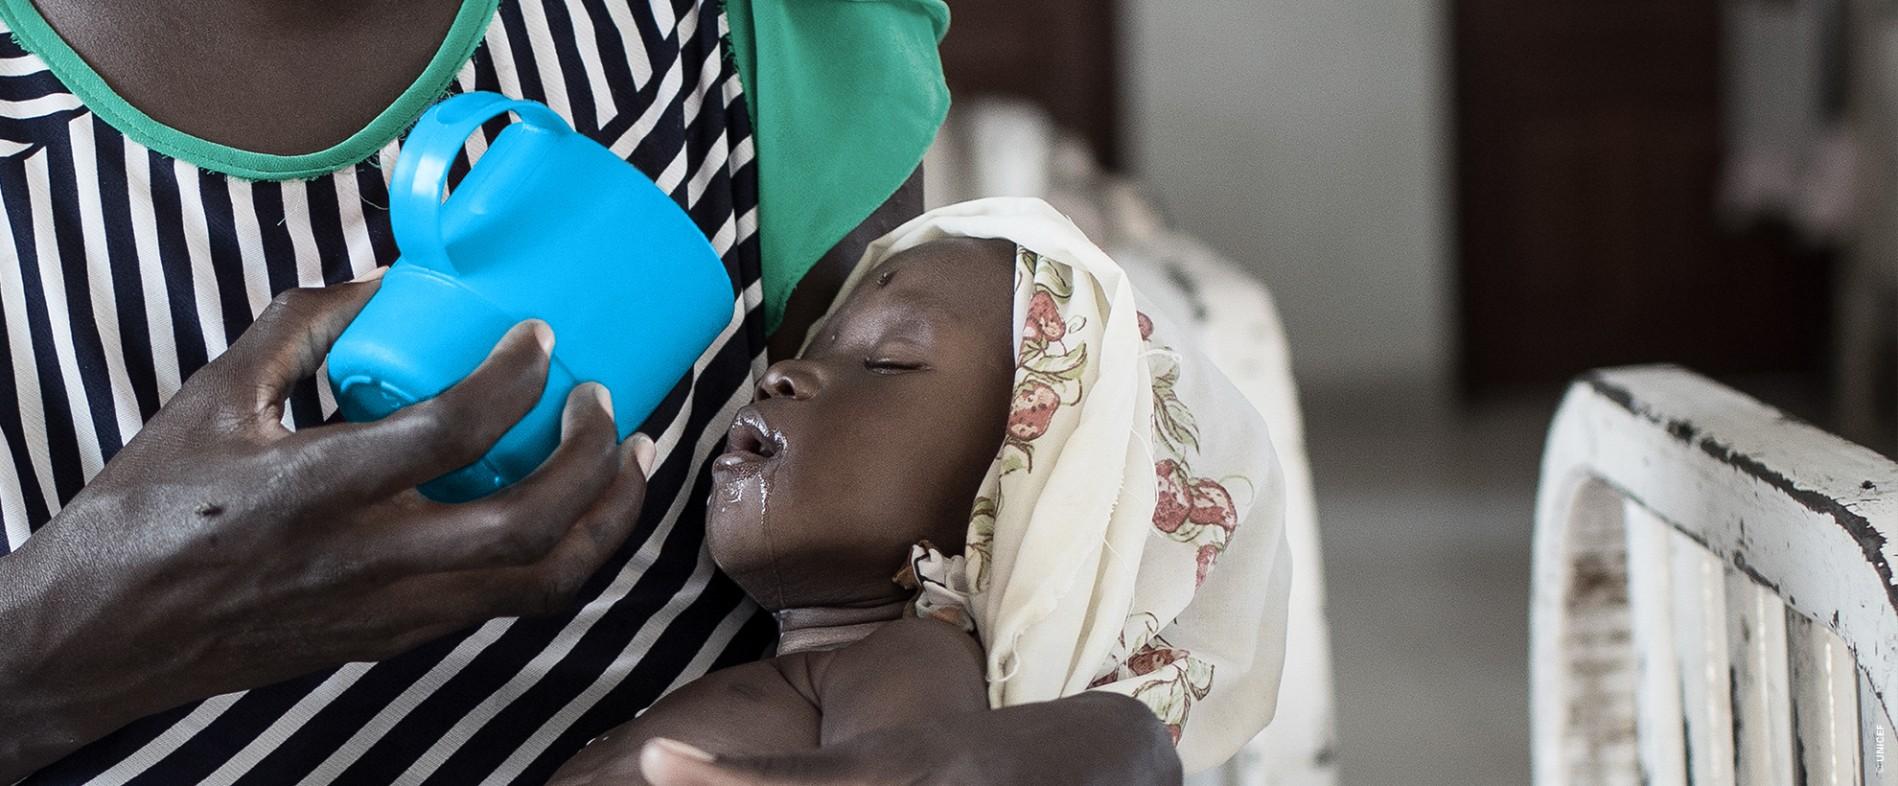 UNICEF Polska - Uratuj dziecko w Sudanie Południowym